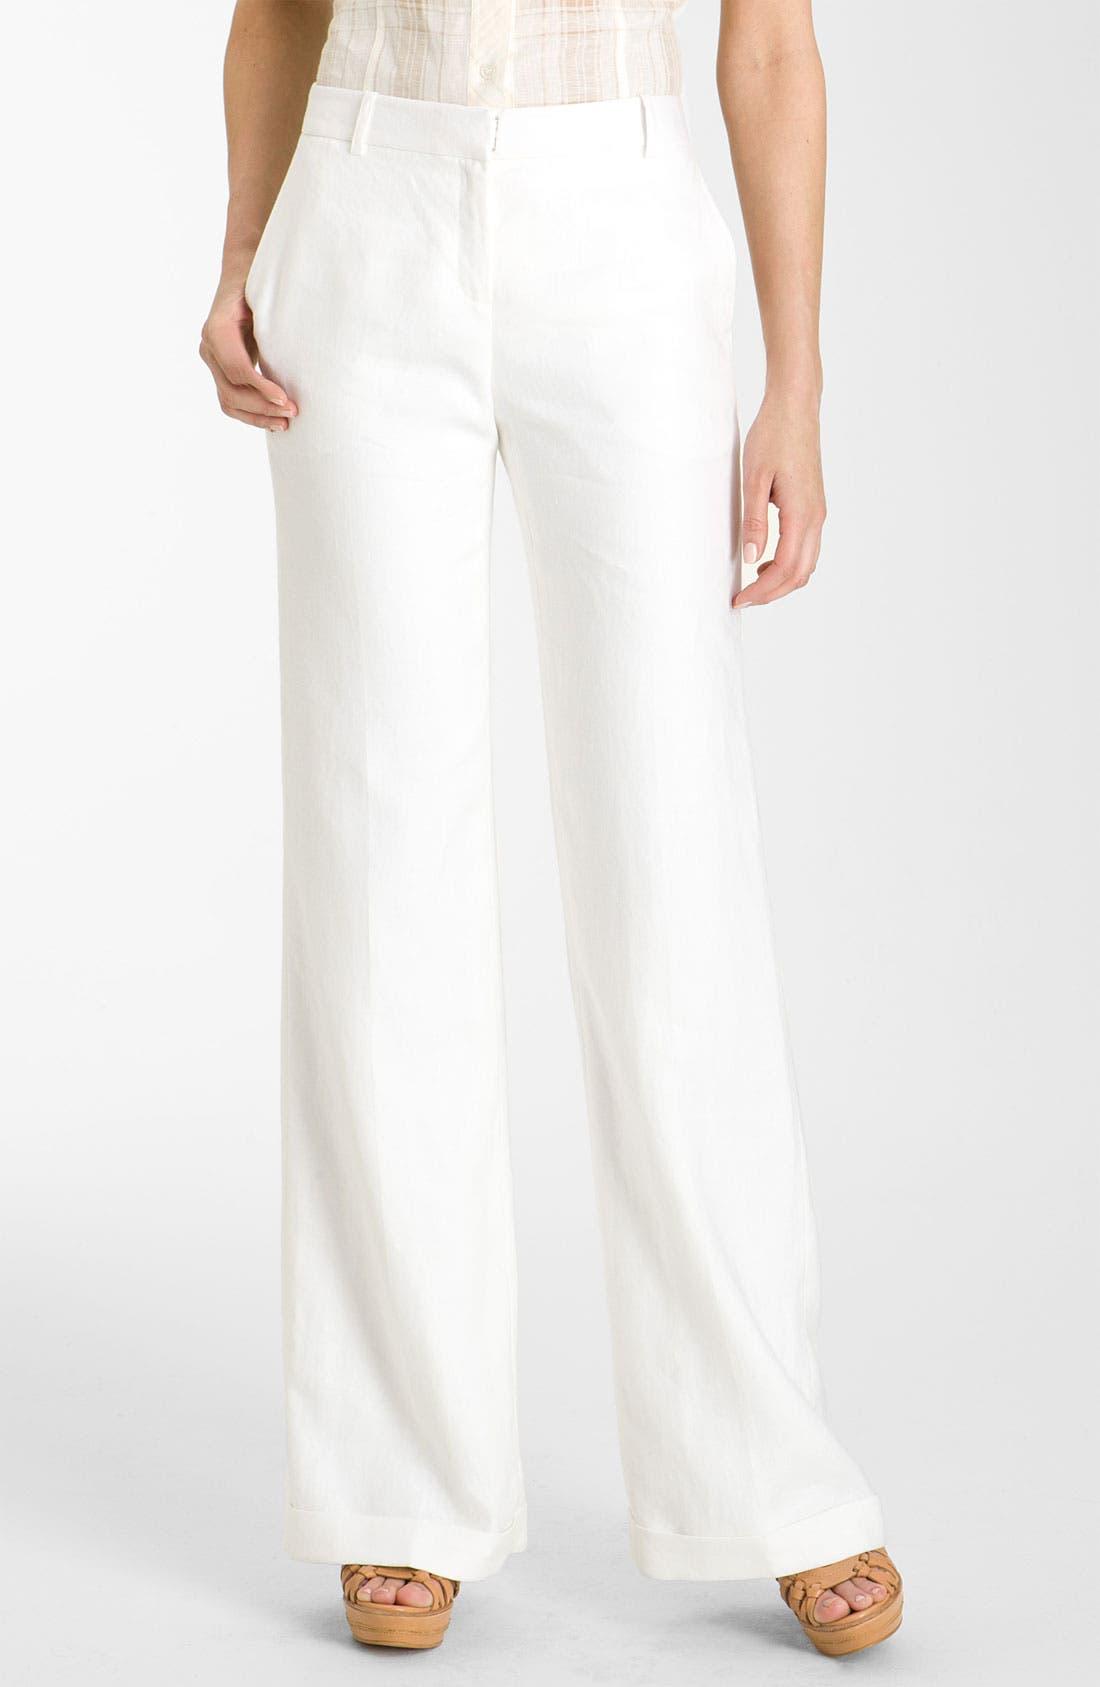 Main Image - Lafayette 148 New York 'Lavish' Cuff Linen Pants